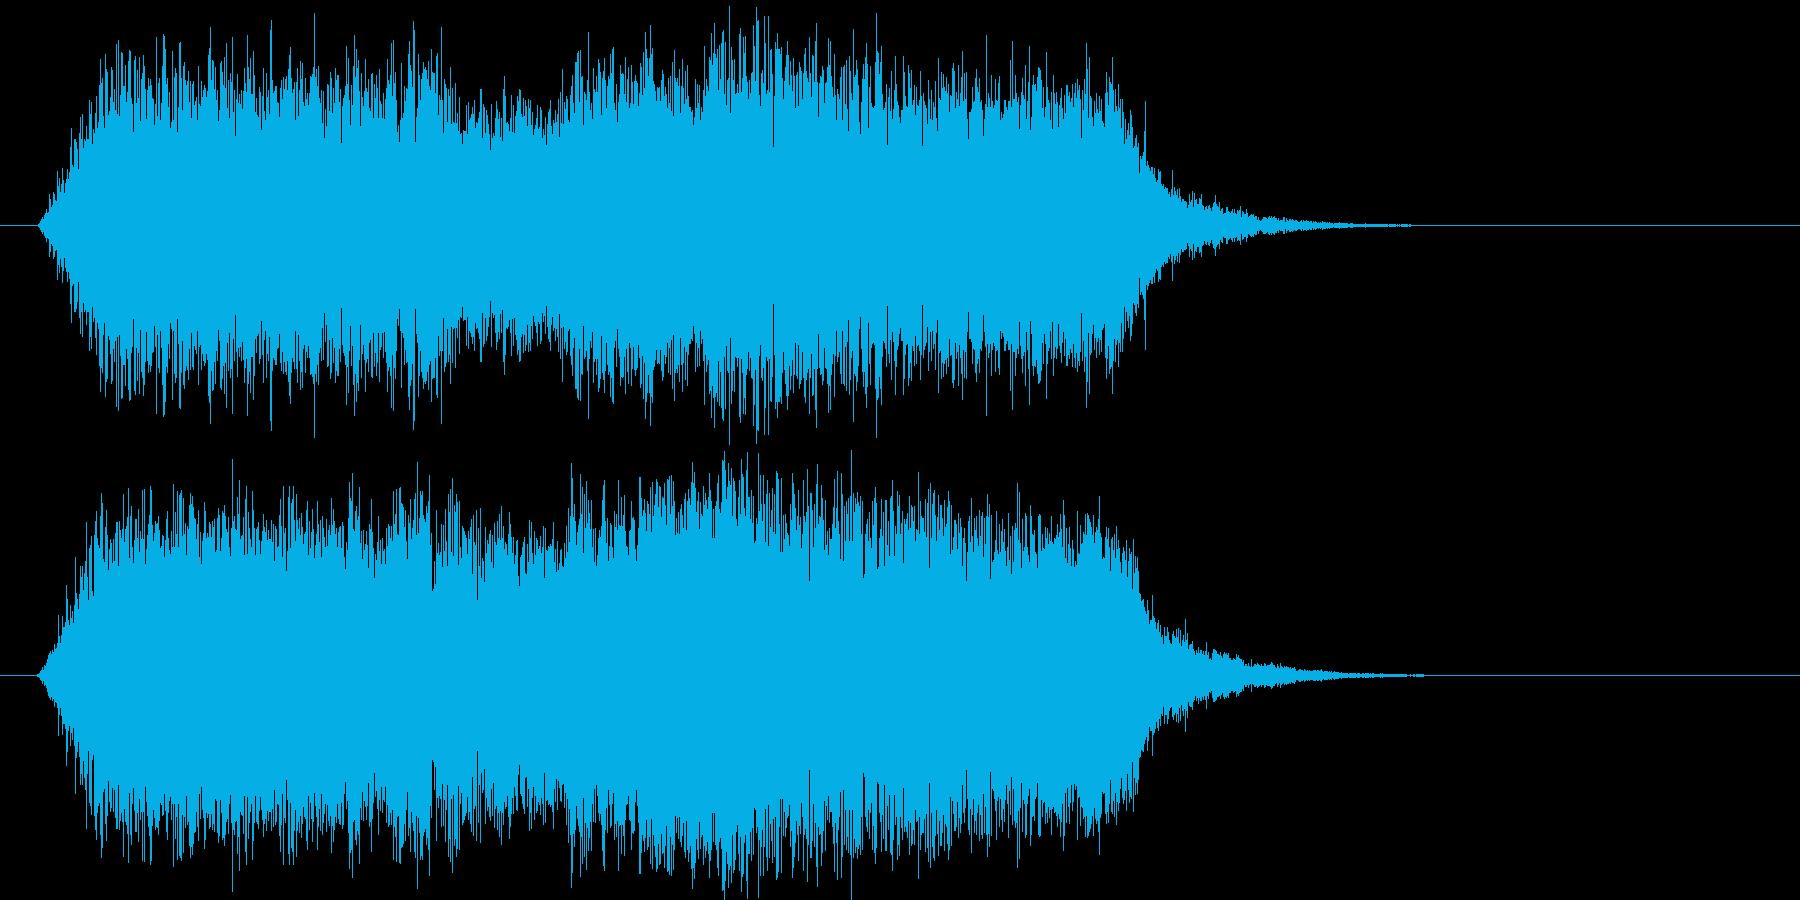 不思議 不気味 不安 エンディングの再生済みの波形